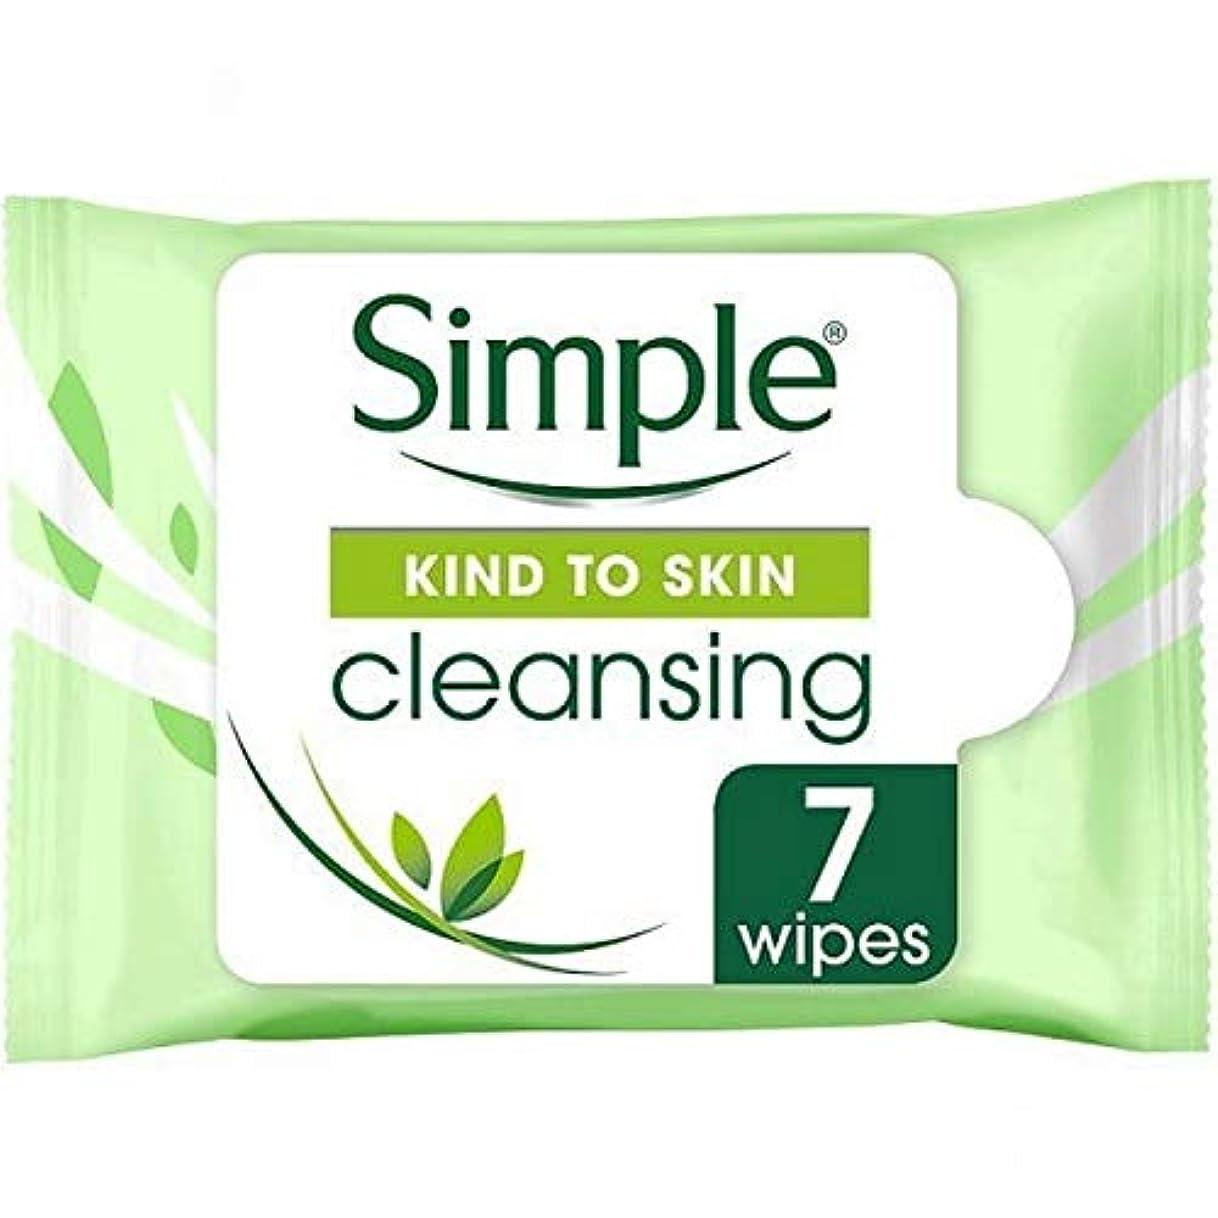 賠償偏心実行する[Simple ] 顔のワイプの7Sクレンジング肌への単純な種類 - Simple Kind To Skin Cleansing Facial Wipes 7s [並行輸入品]